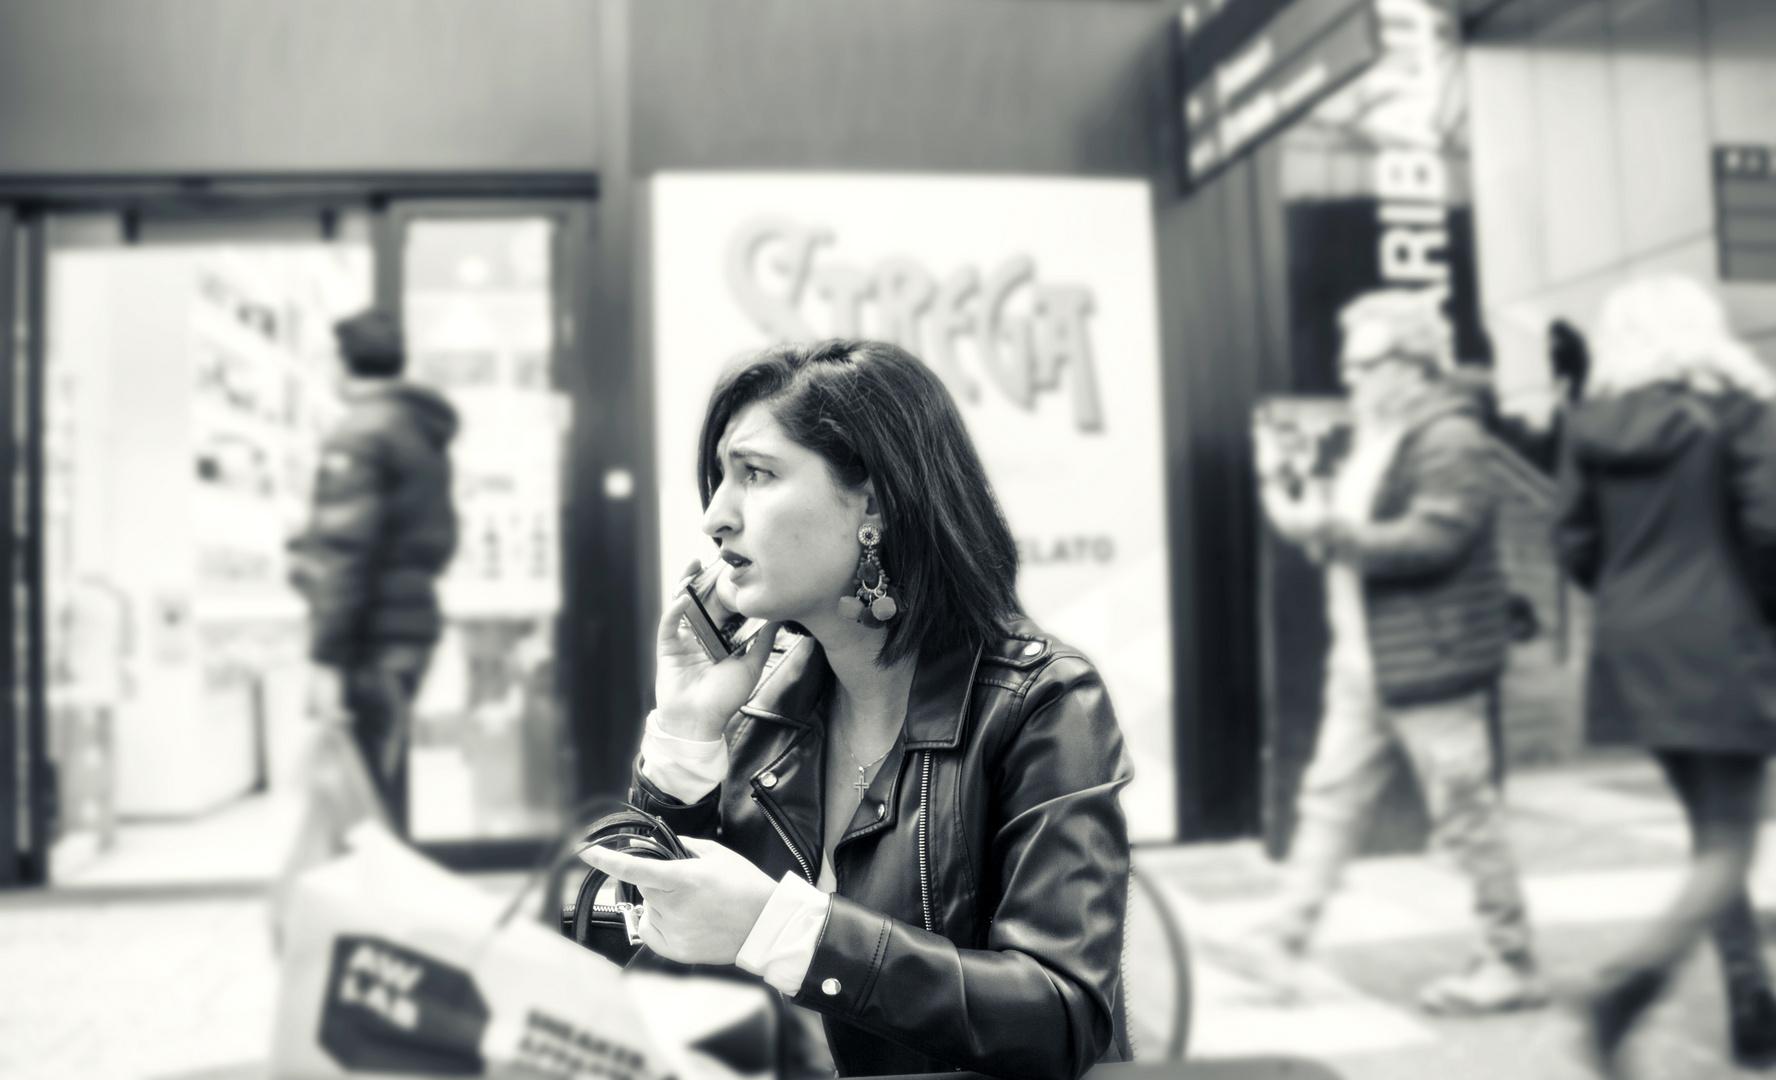 Die Galleria Commerciale in Neapel ist ein beliebter Treffpunkt.